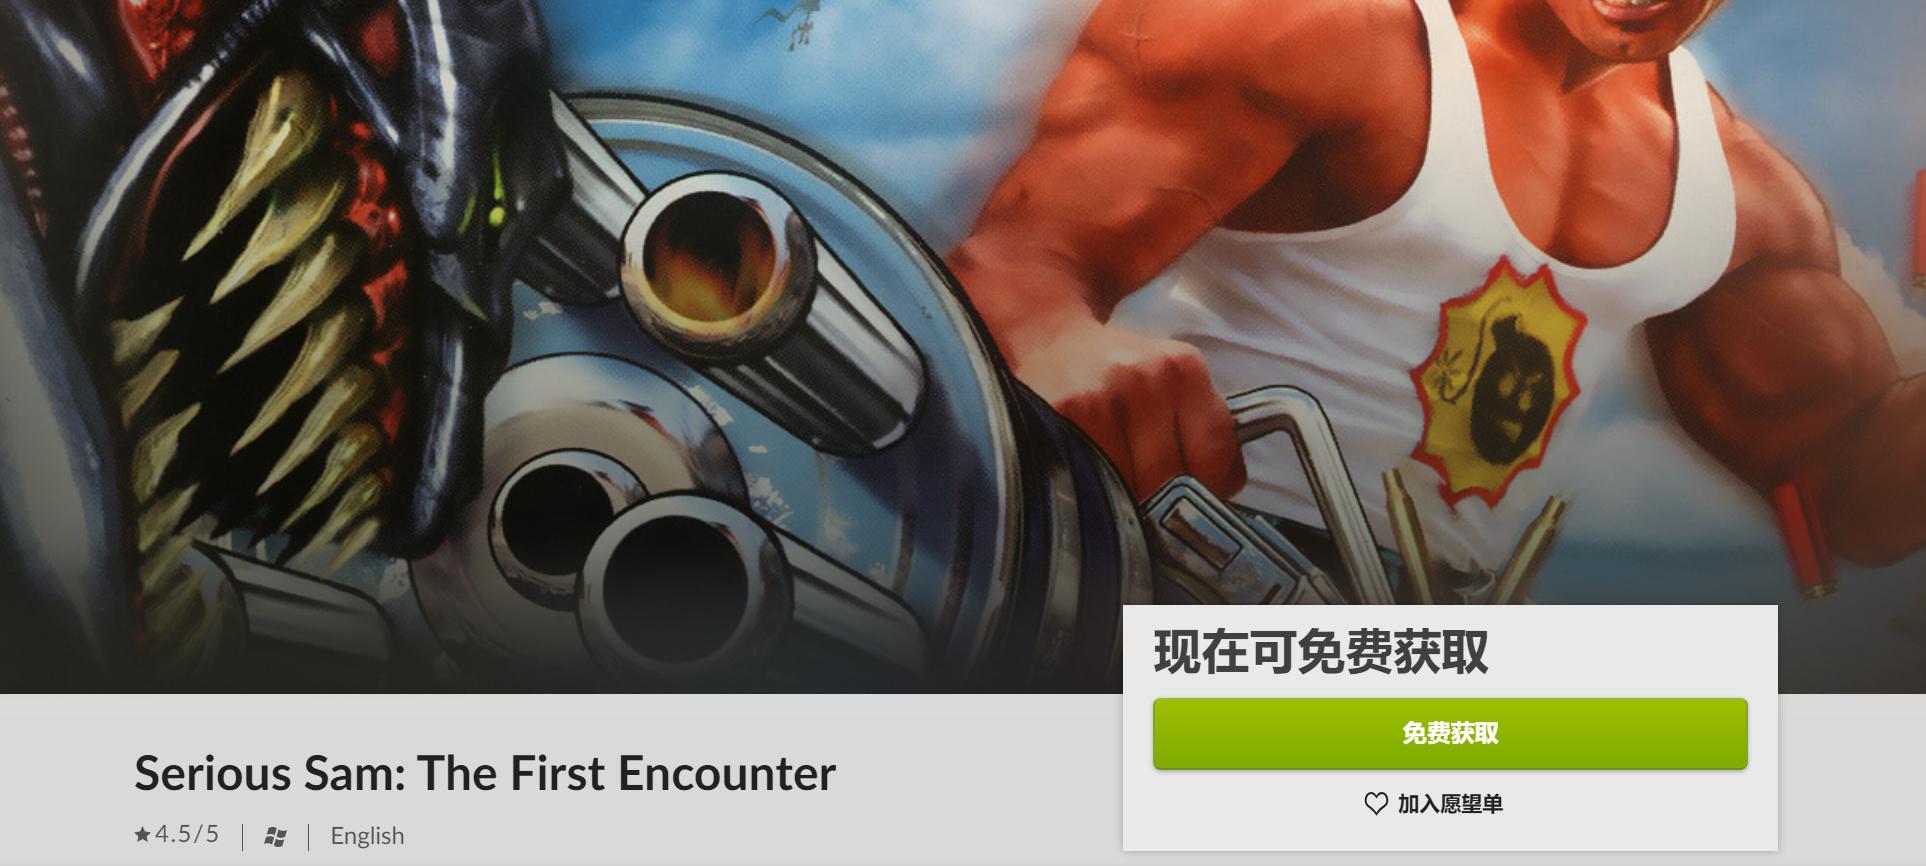 《英雄萨姆:首次出击》开启限时免费领取,截止到8月26日